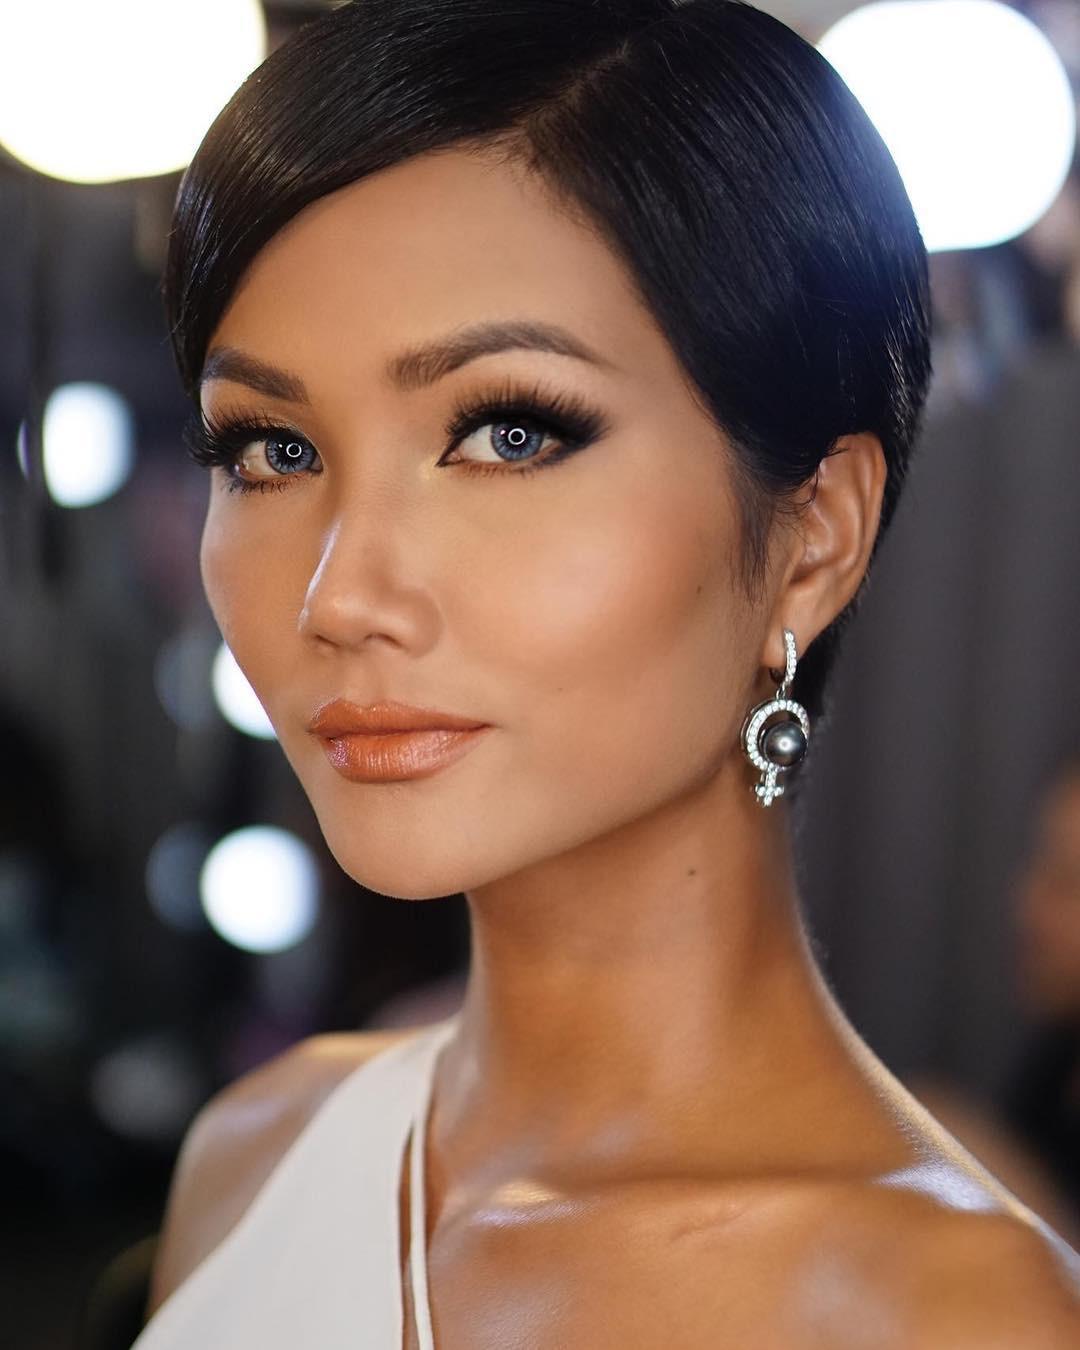 Chính thức lộ diện 5 Hoa hậu của các hoa hậu 2018: HHen Niê trụ vững, Phương Khánh dừng chân! - Ảnh 6.